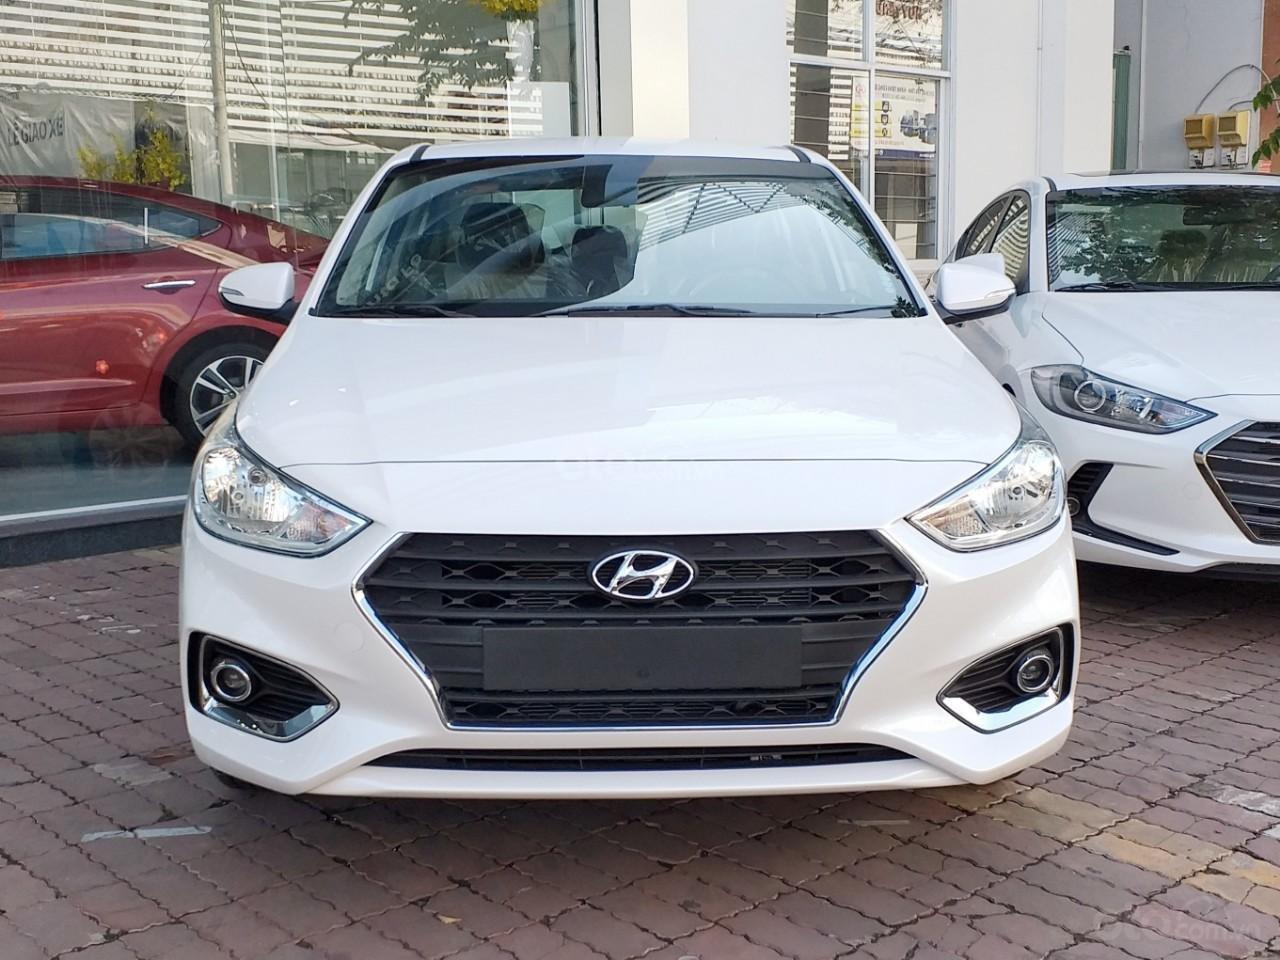 Hyundai Accent giá cực tốt, xe giao ngay, trả trước chỉ 135 triệu nhận xe ngay với lãi suất thấp (8)